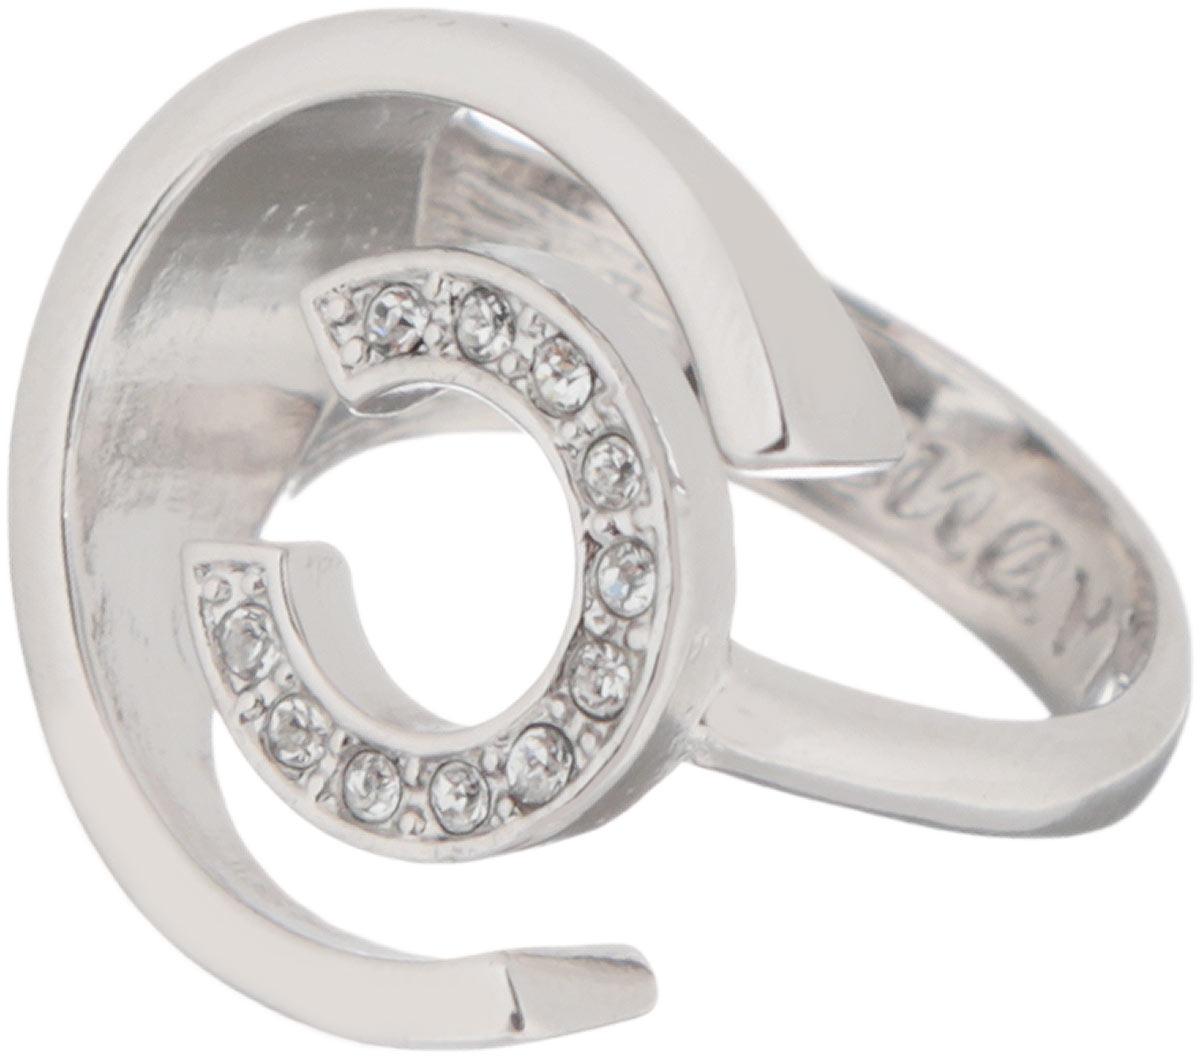 Кольцо Jenavi Форцетия, цвет: серебряный, белый. f506f000. Размер 19Коктейльное кольцоОригинальное кольцо Jenavi Форцетия изготовлено из антиаллергического ювелирного сплава и серебрением с родированием. Декоративный элемент выполнен в виде двух полуокружностей разного размера, одно из которых инкрустировано гранеными кристаллами Swarovski.Стильное кольцо придаст вашему образу изюминку, подчеркнет индивидуальность.